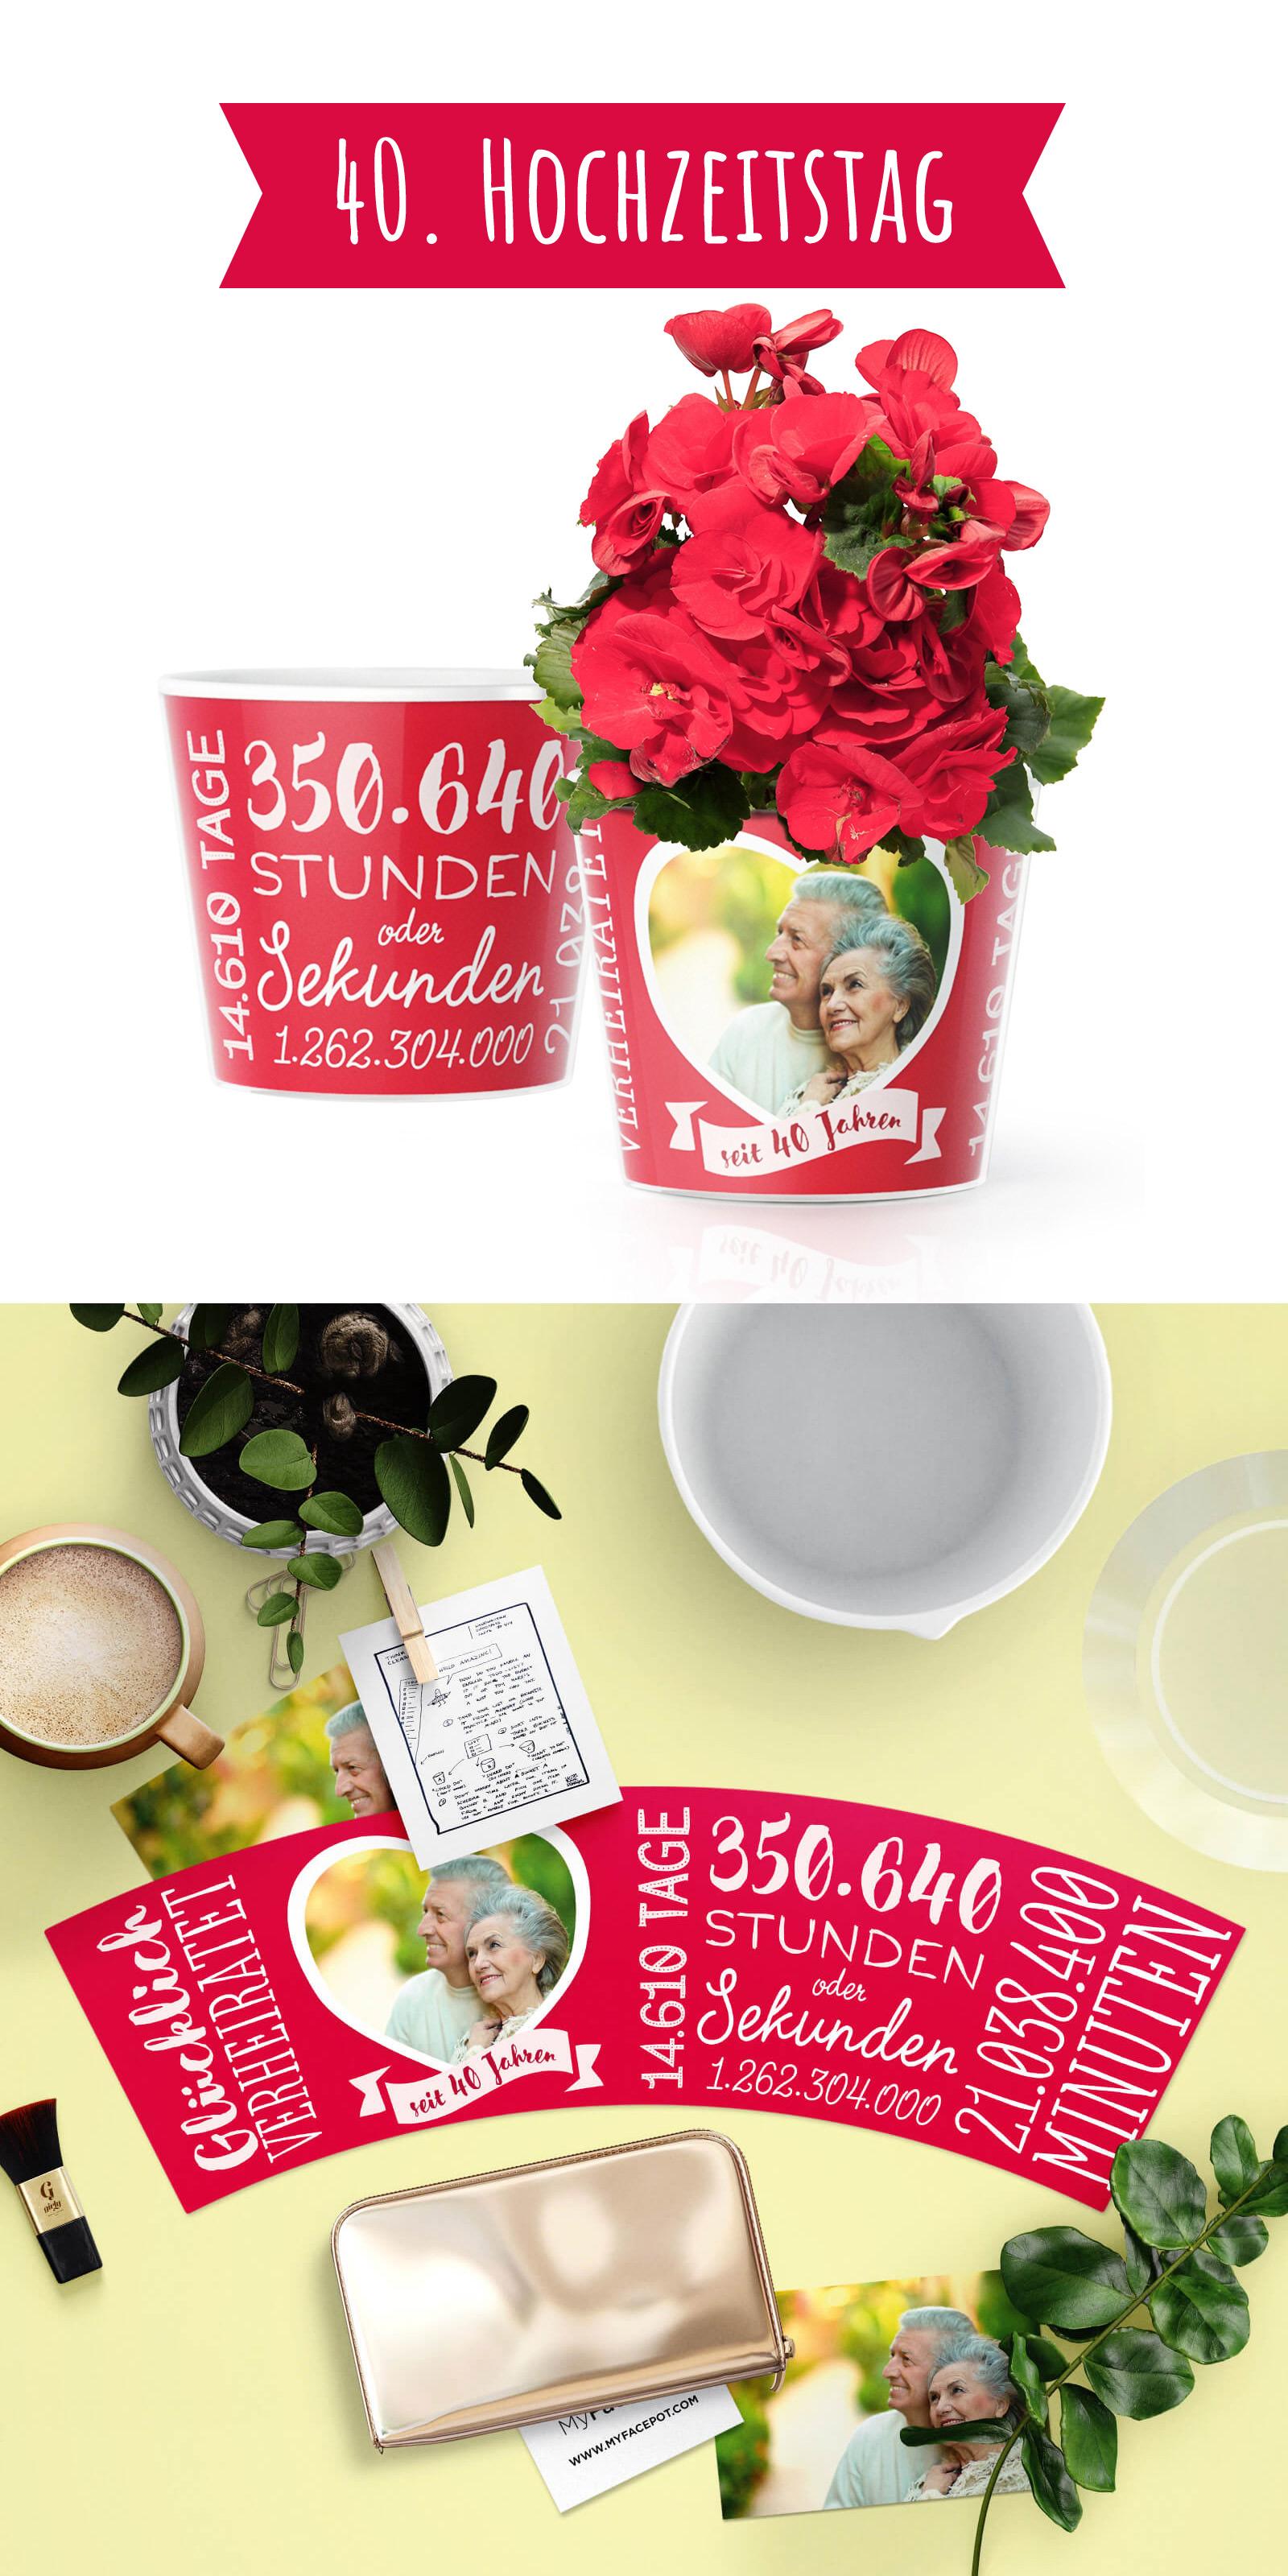 Rubinhochzeit - Geschenk zum 40. Hochzeitstag